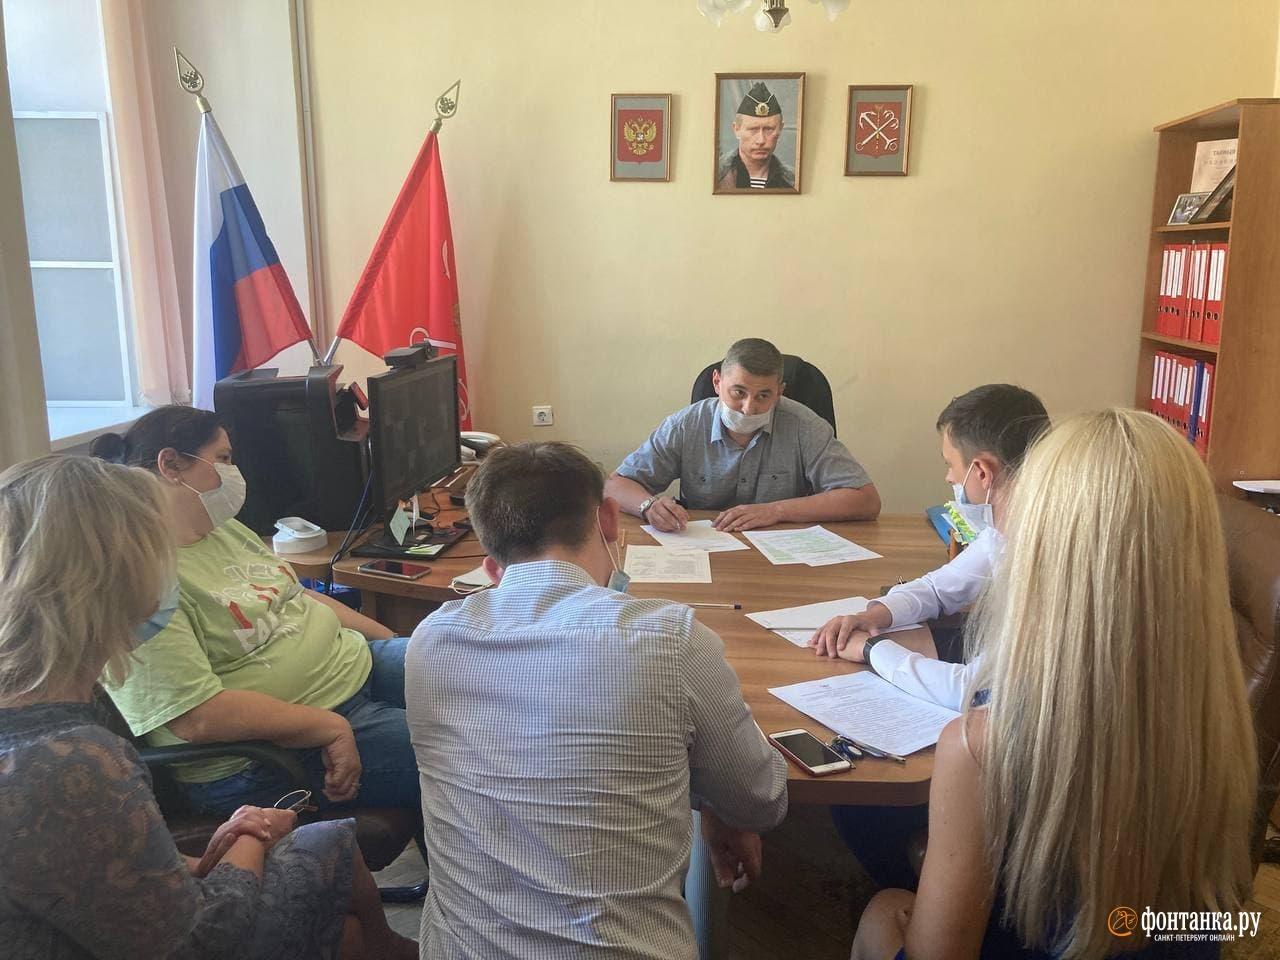 Самодеятельность остановили. Экс-главу штаба Навального* сняли с выборов в Петербурге